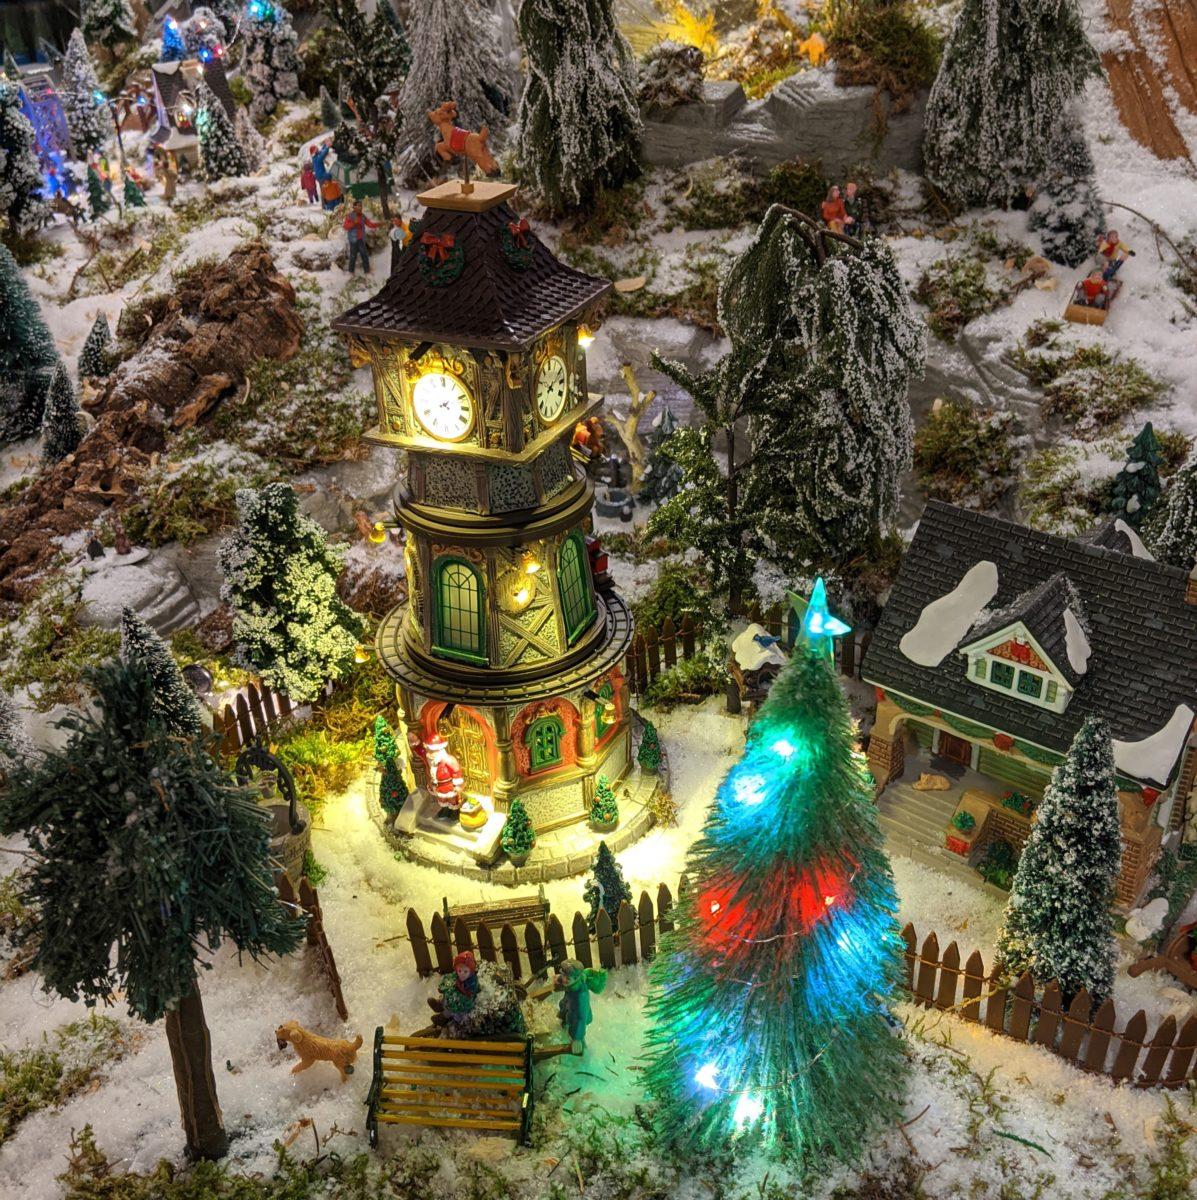 Eine Turmuhr in der Weihnachtszeit